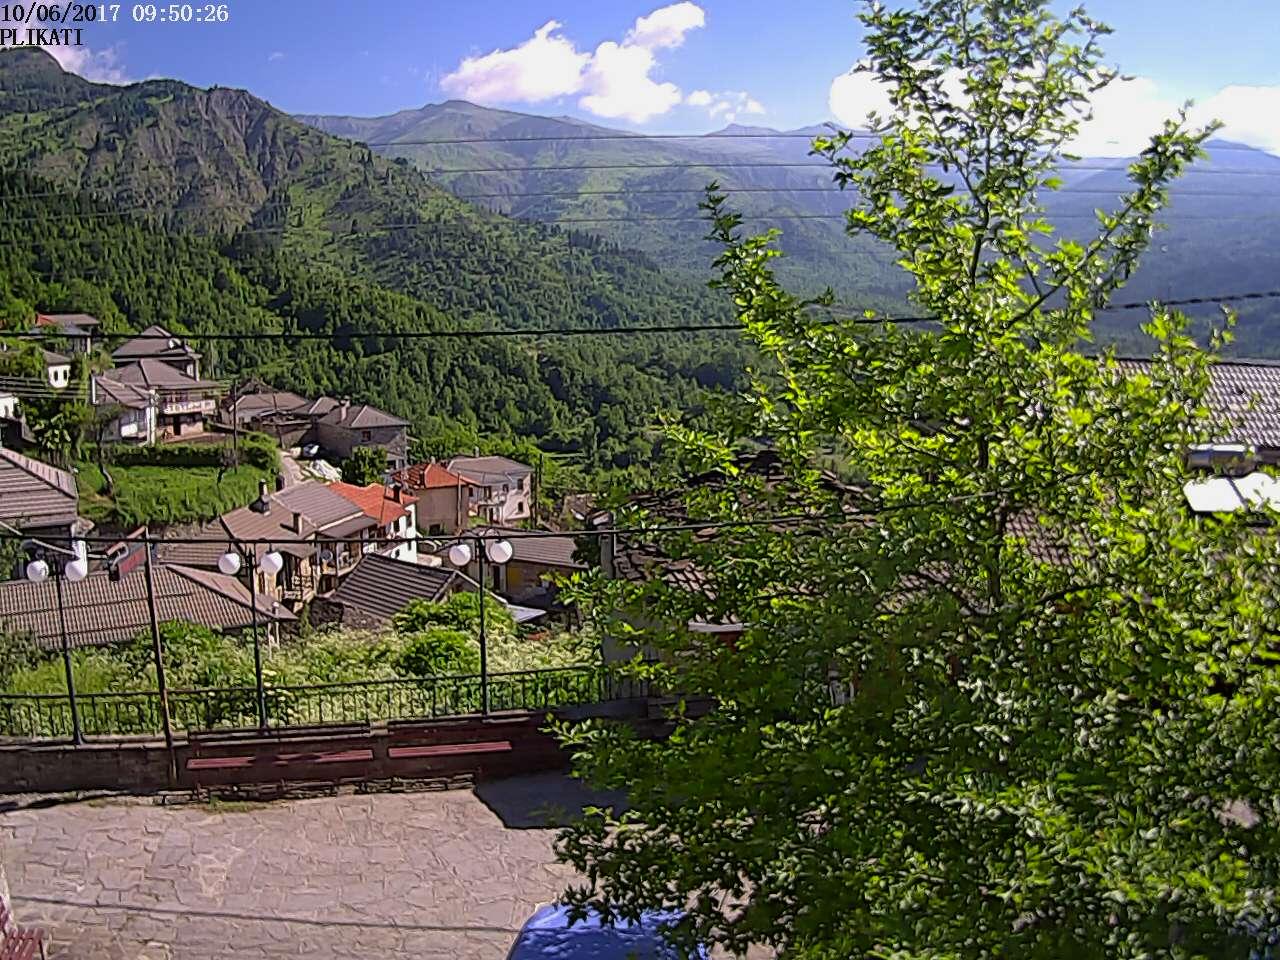 Webcam Plikati Ioannina 2 (2520m altitude)